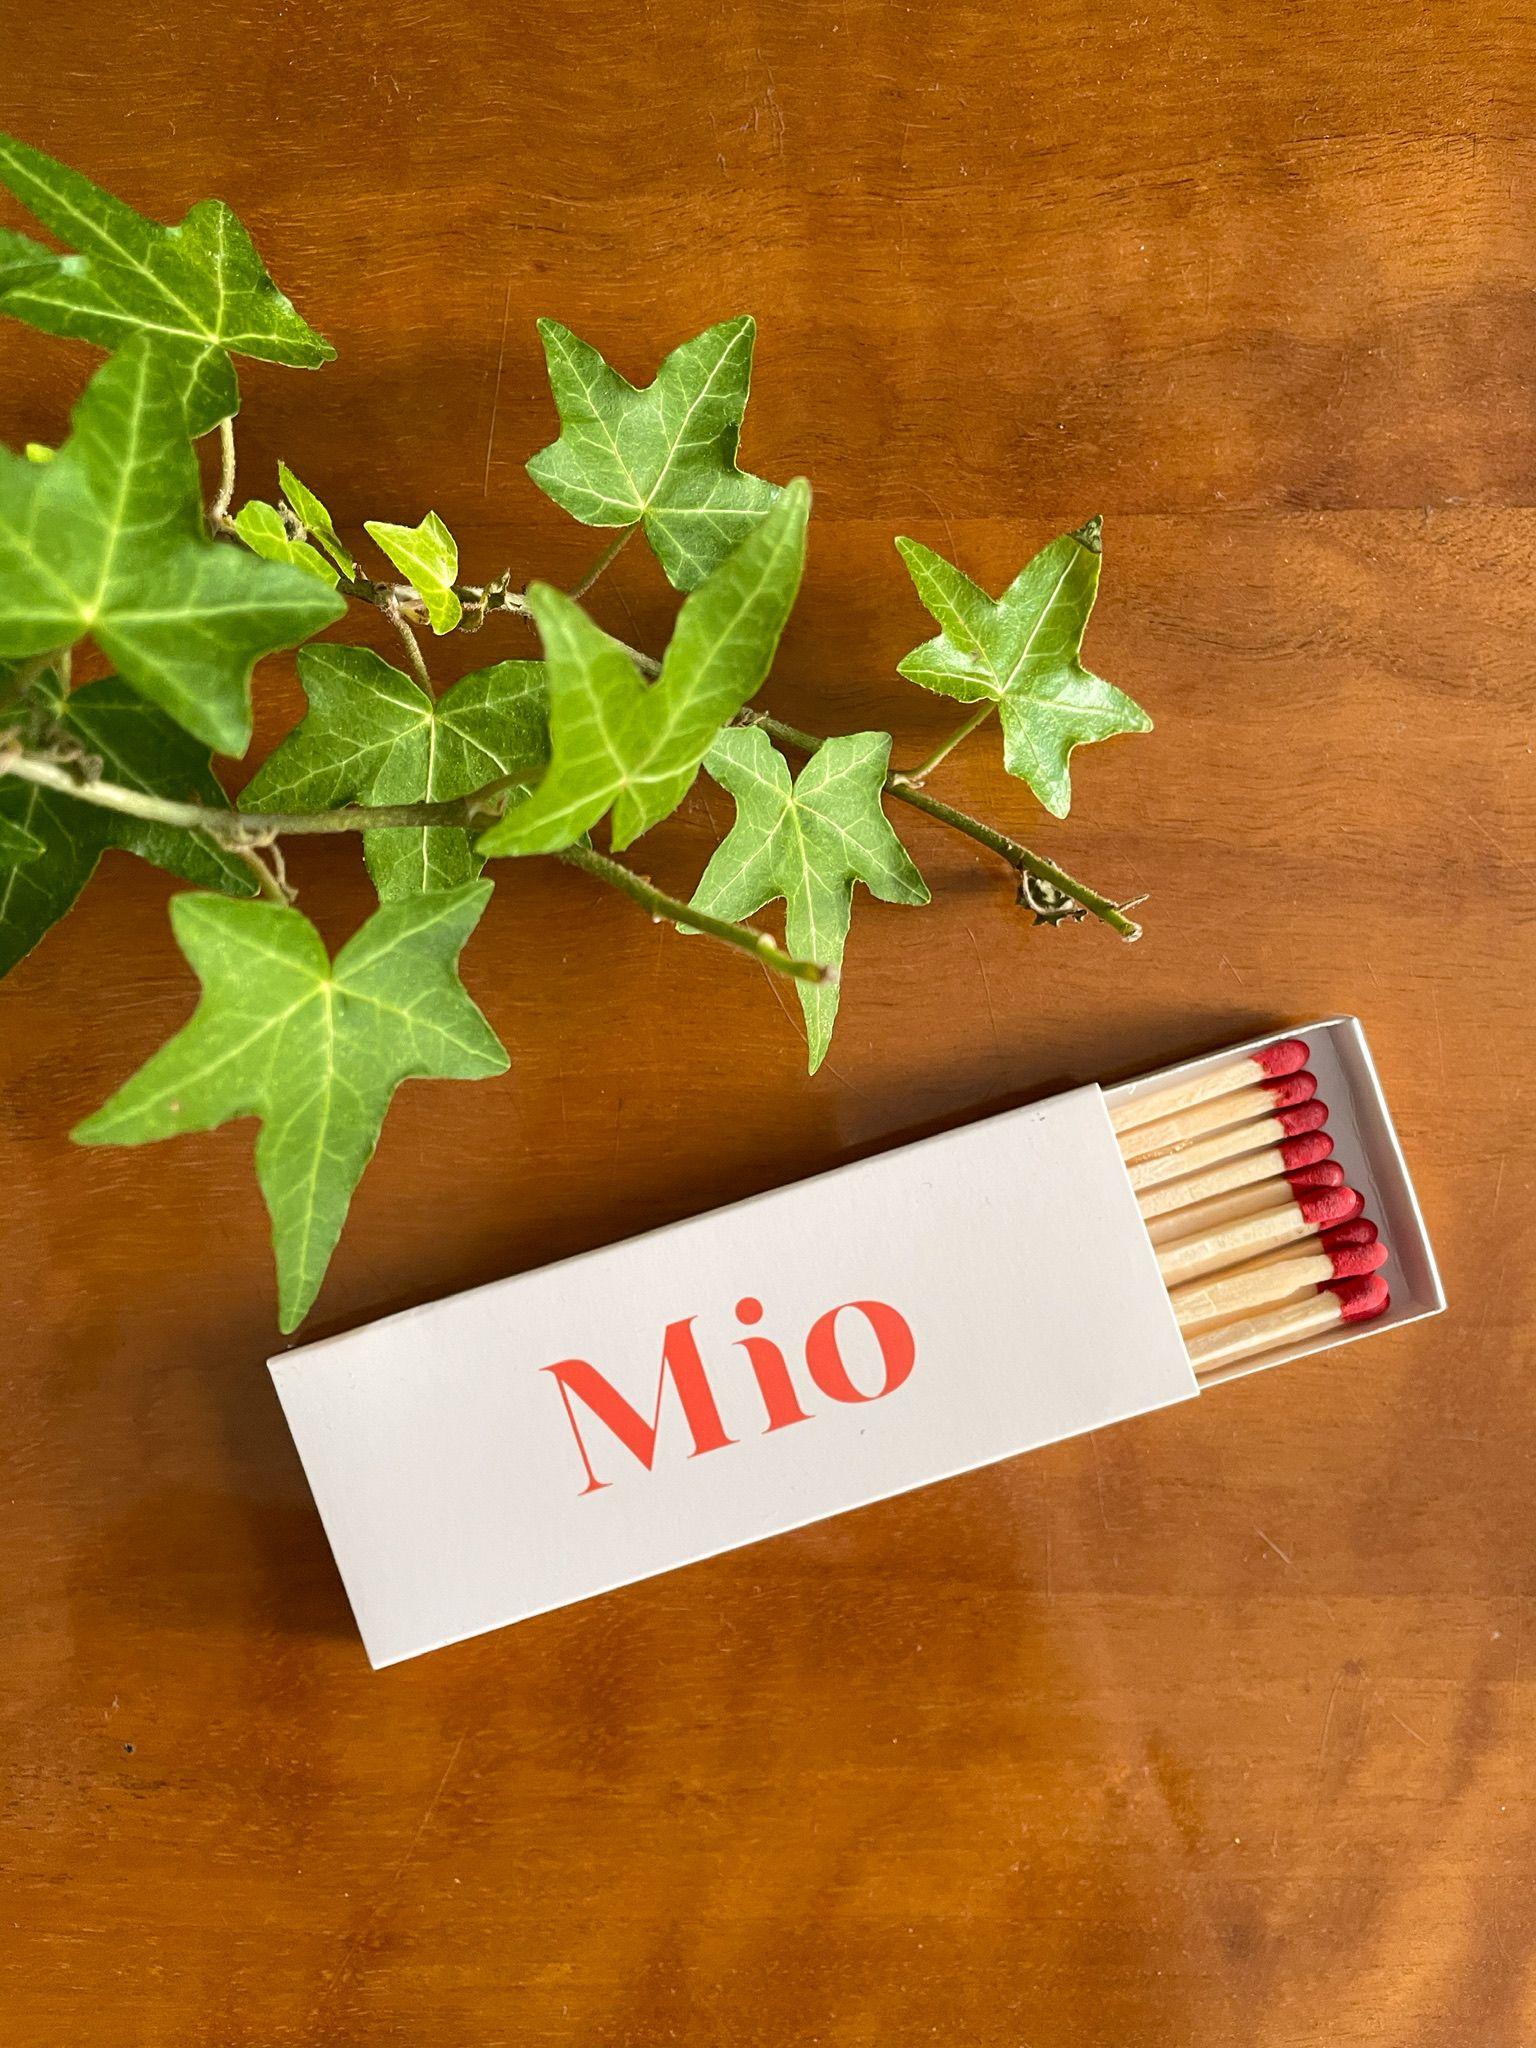 Zapałki MIO - Mio Candles   JestemSlow.pl